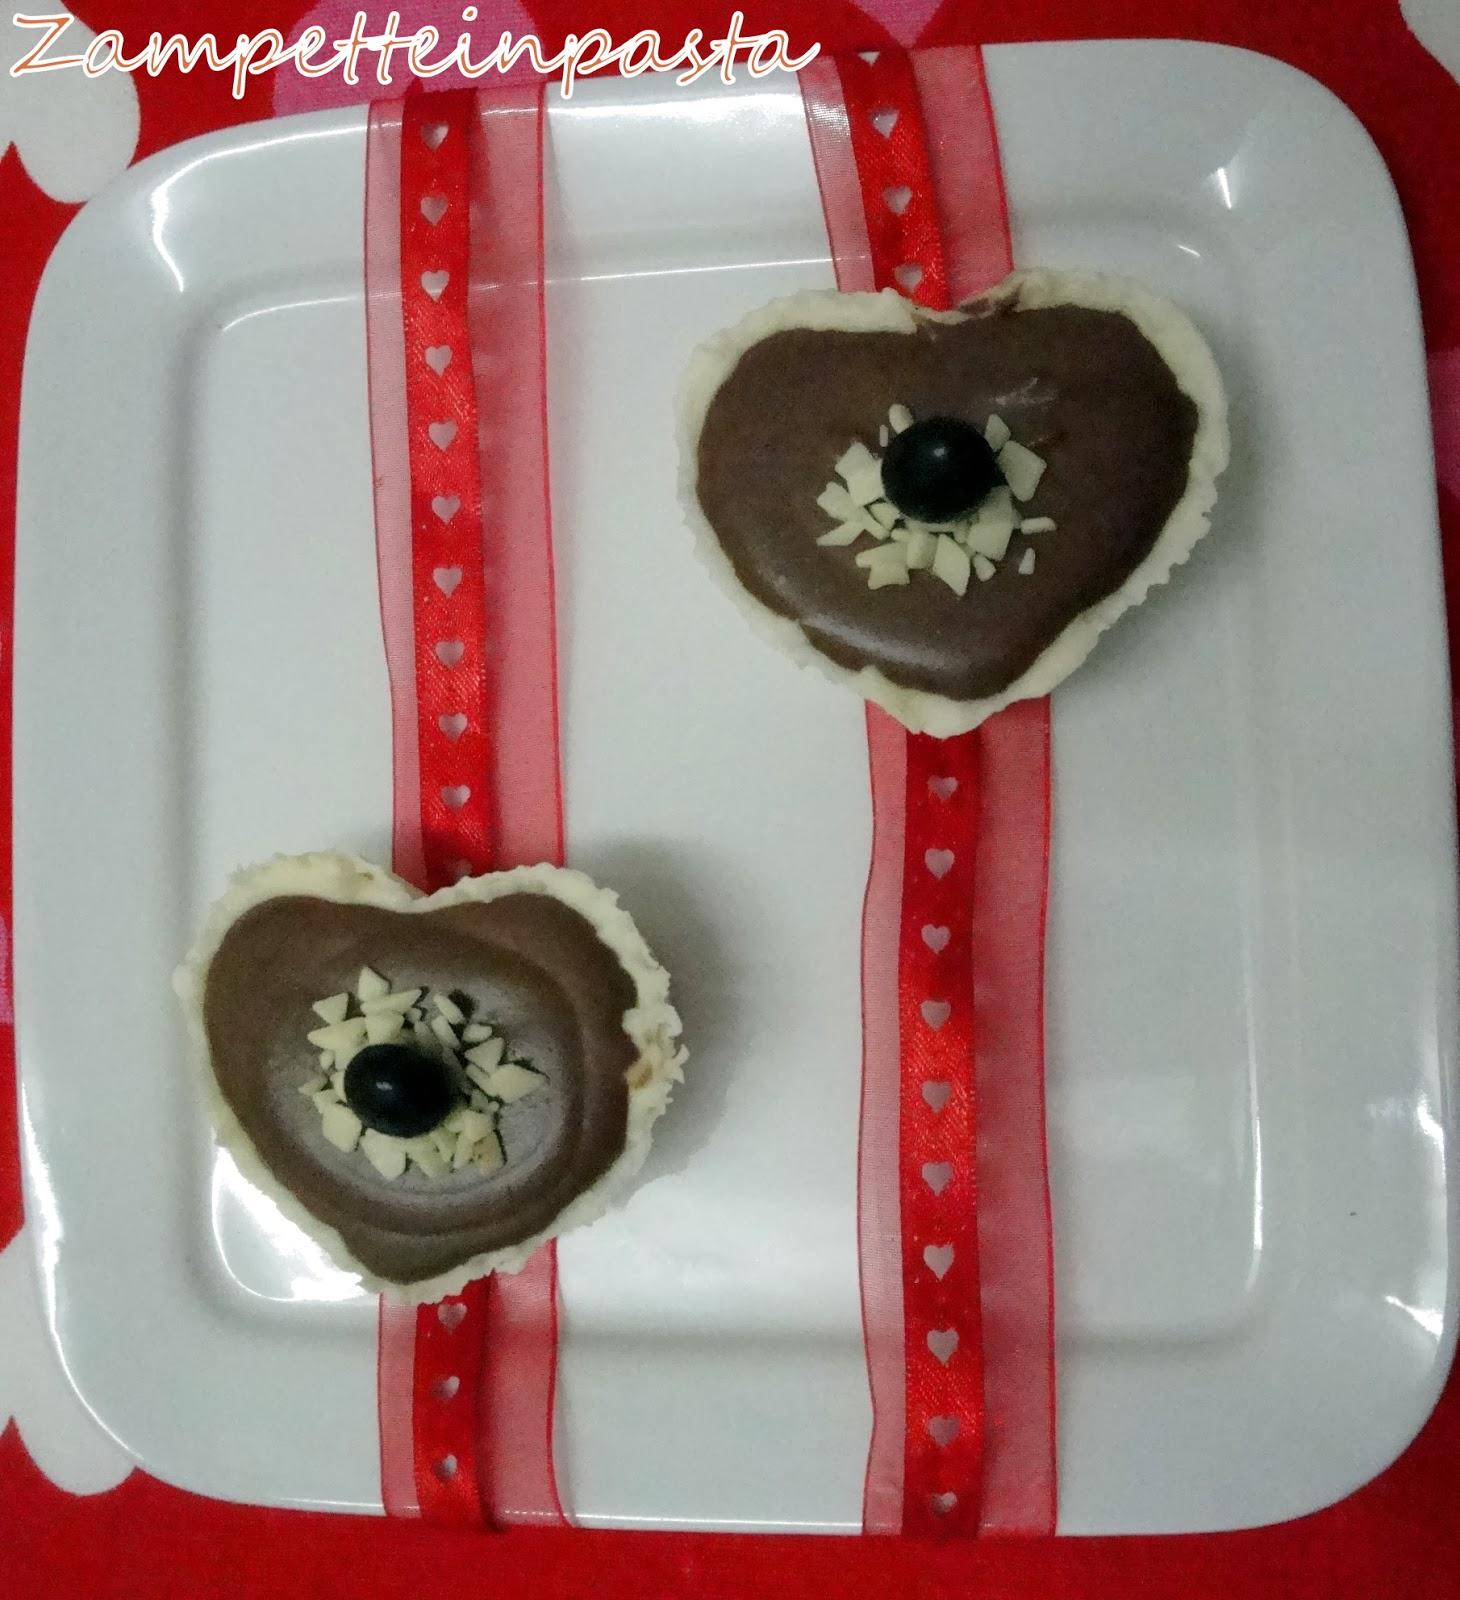 Bicchierini di cioccolato con mousse di cioccolato e peperoncino - Dolci al cucchiaio San Valentino